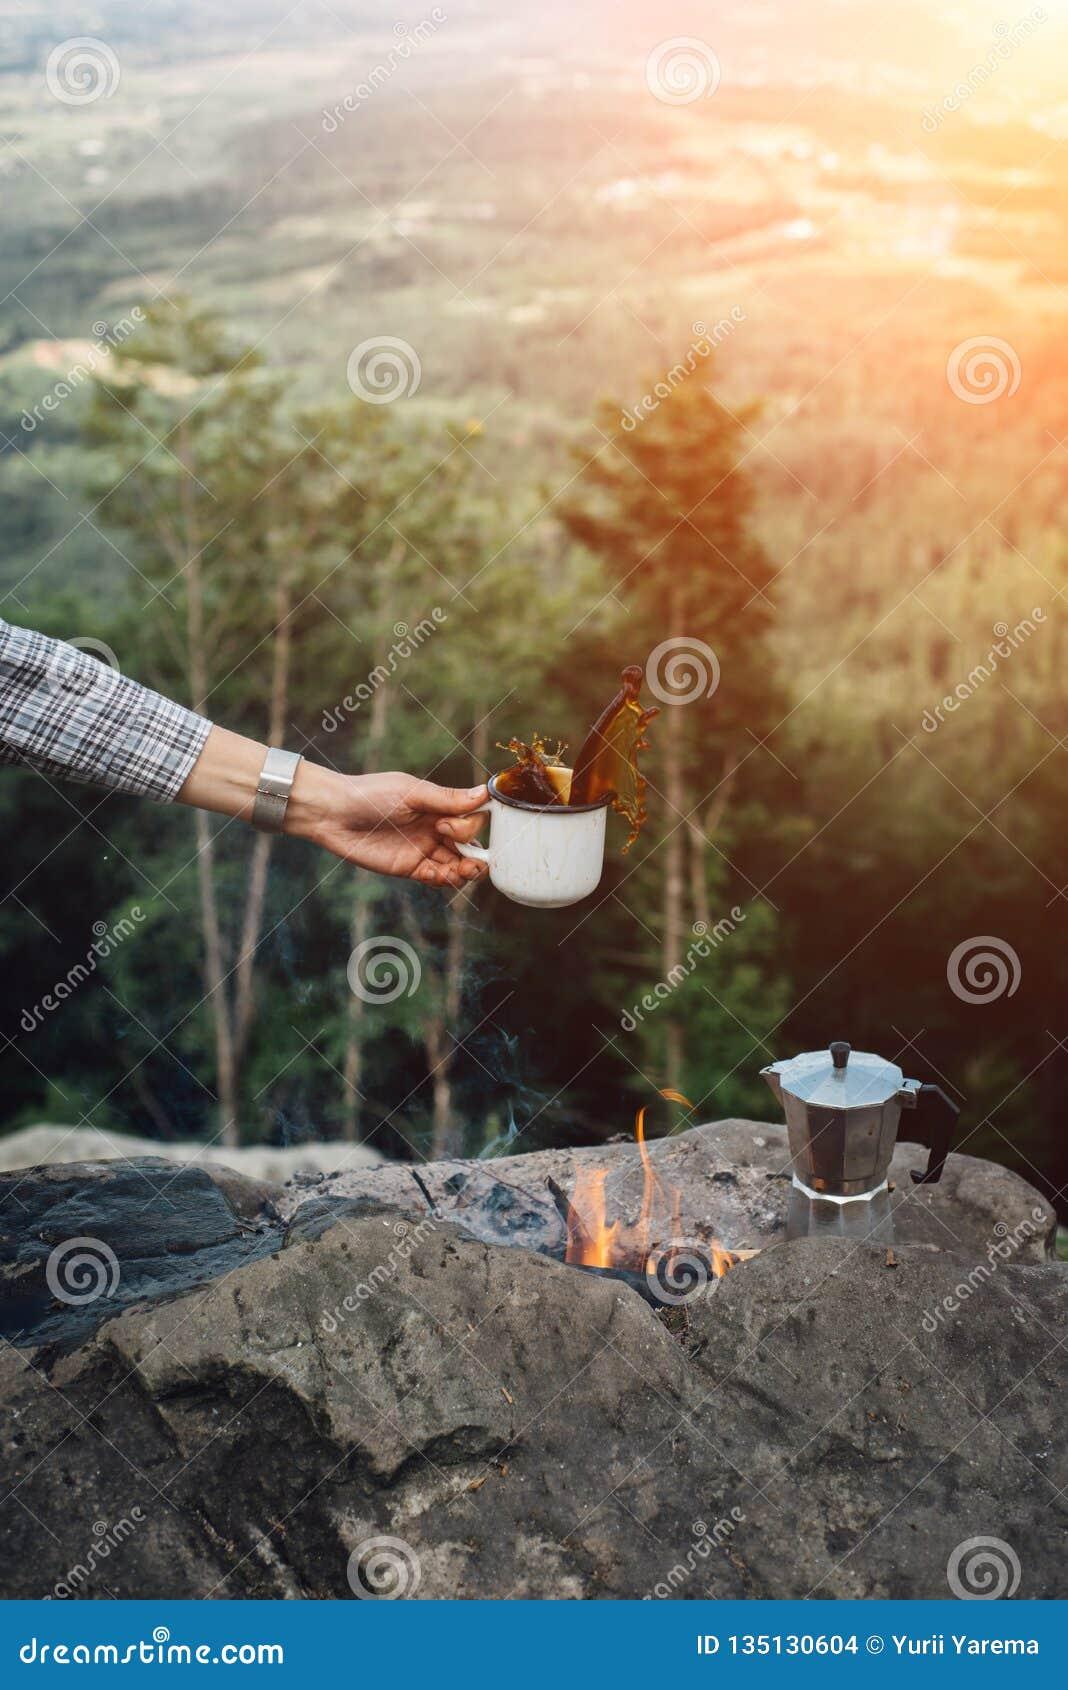 Flickor räcker rymmer en varm kopp kaffe nära lägerelden på bakgrund av naturen under solnedgången